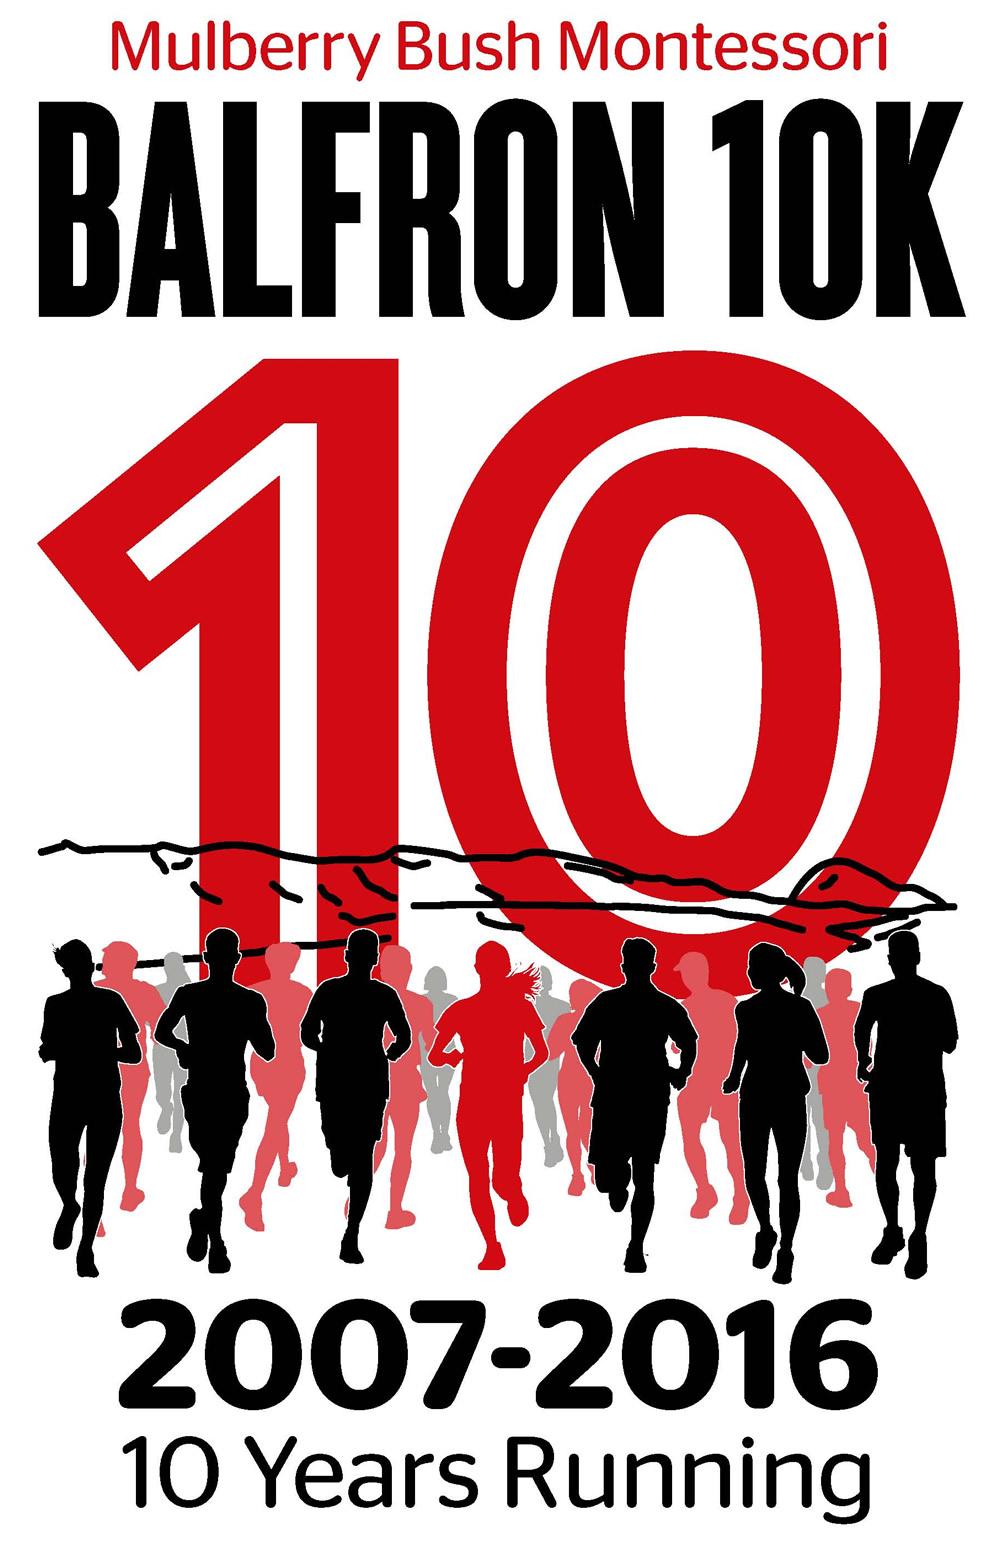 Balfron 2016 - 10 years running